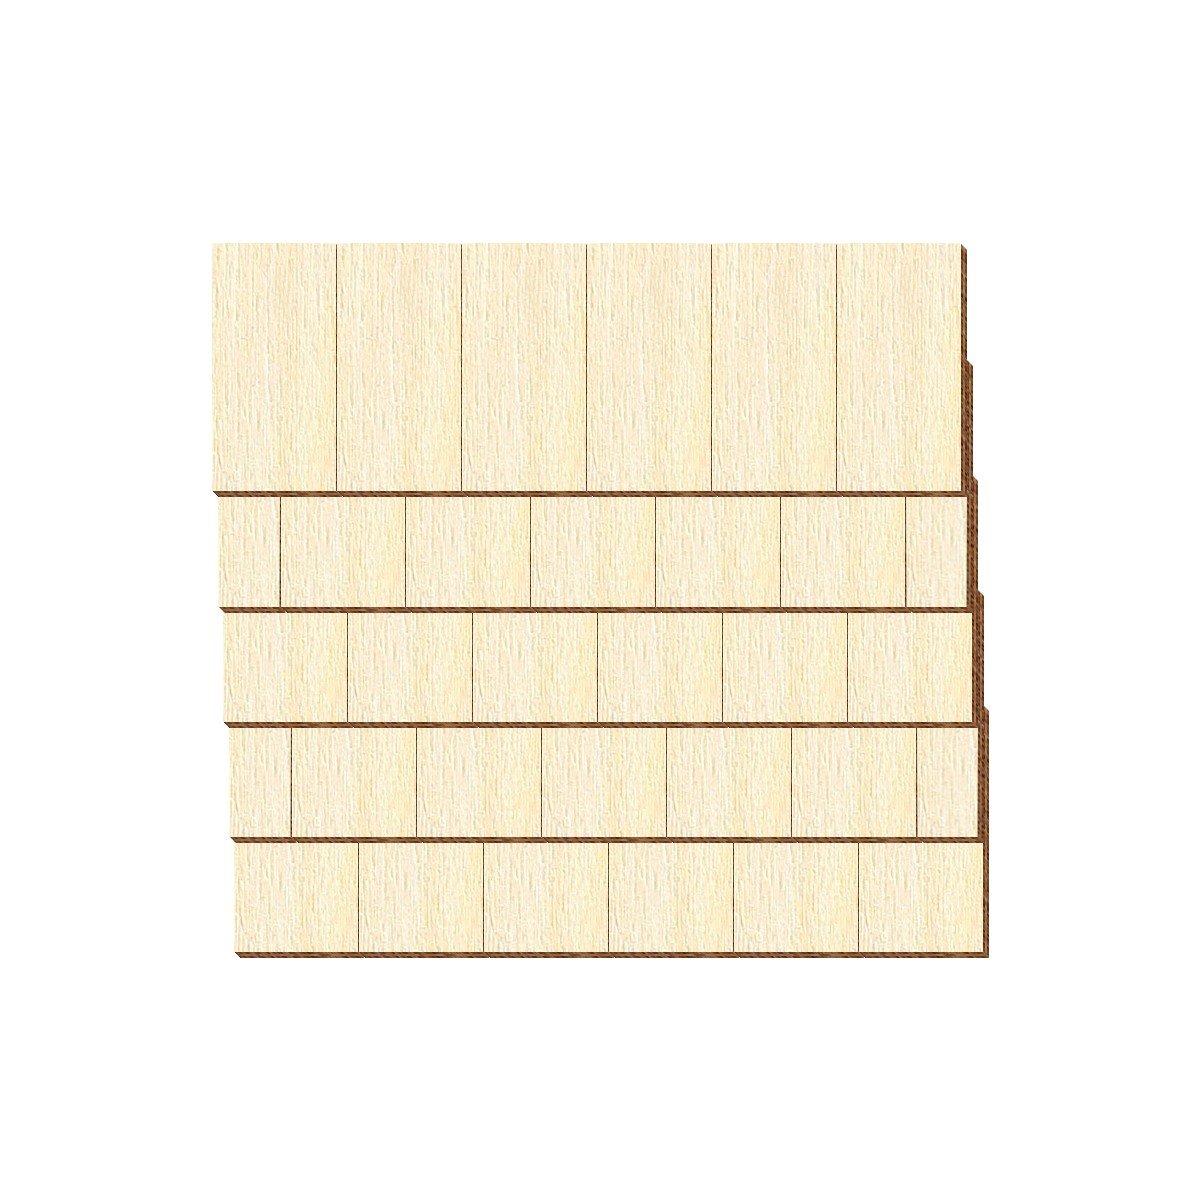 Pack mit:75 St/ück Gr/ö/ßen- und Mengenauswahl Echtholz Furnier dunkle Schindeln Schwarzwaldform rechts Schindelgr/ö/ße:150mm x 75mm